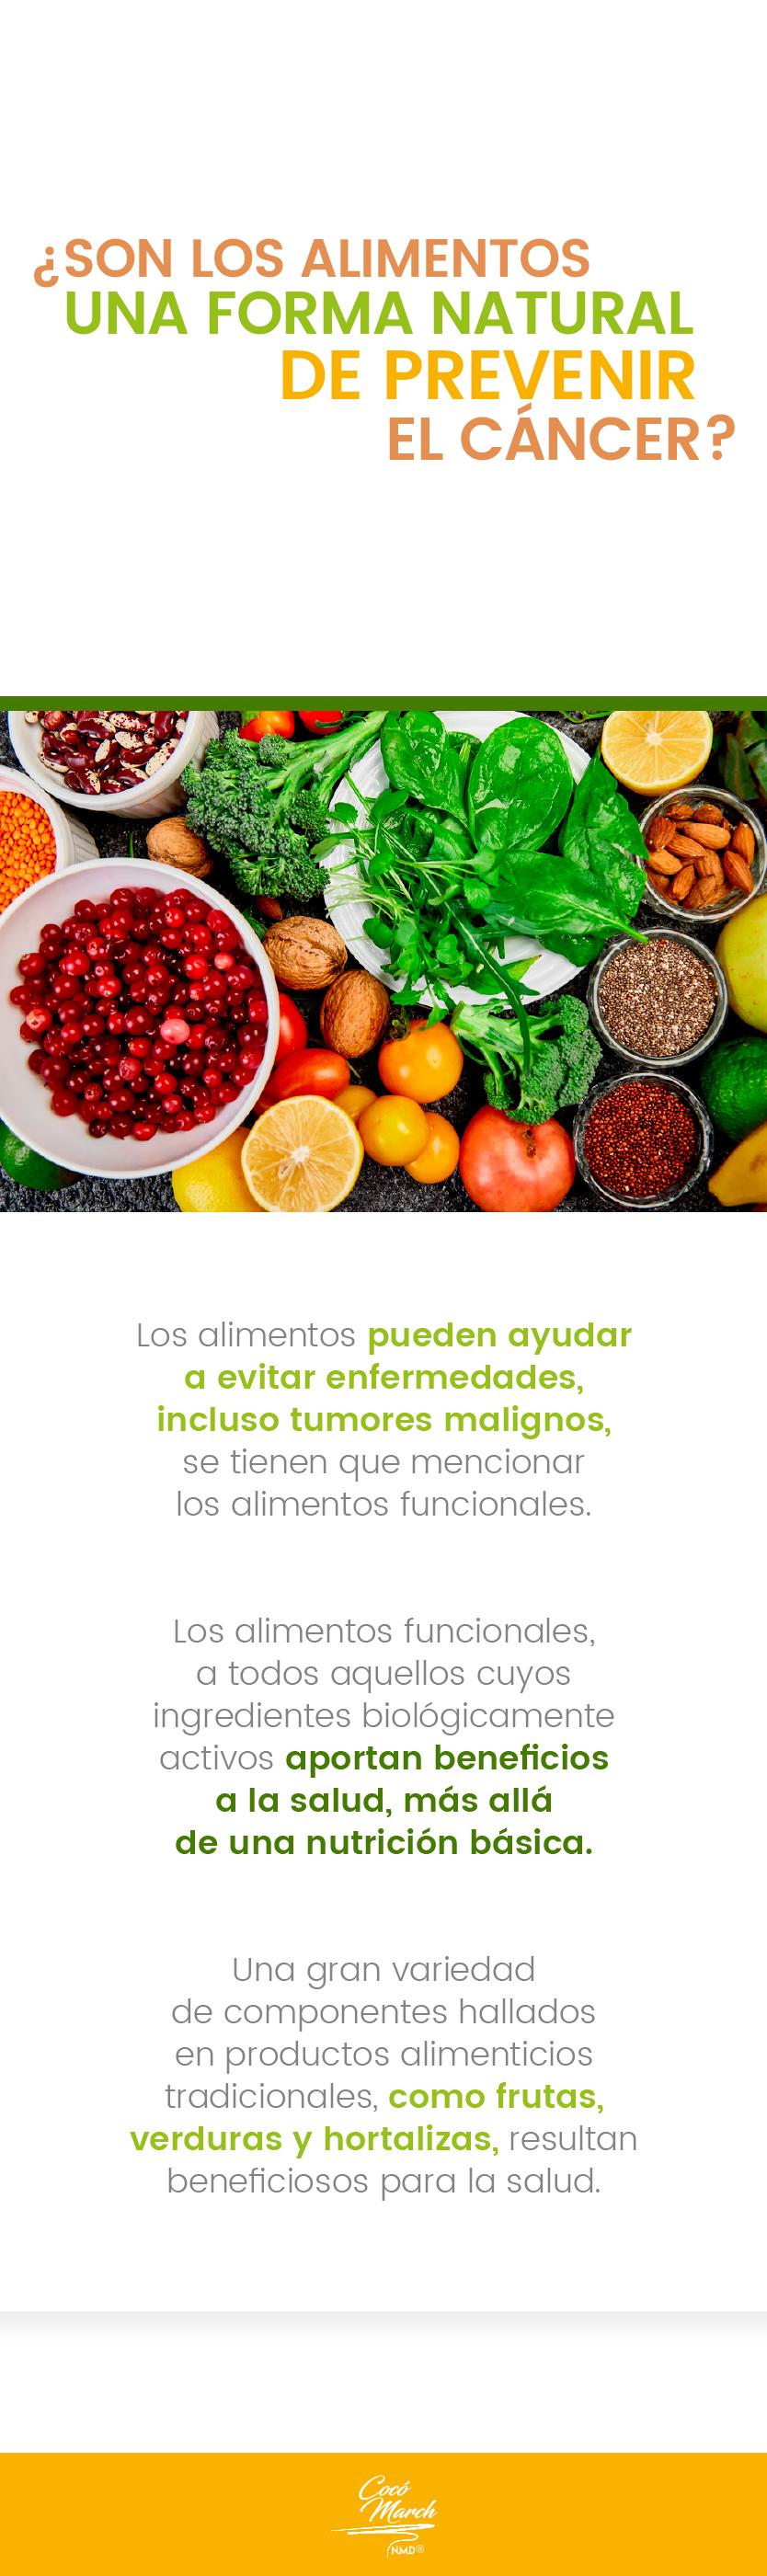 alimentos-para-prevenir-el-cancer